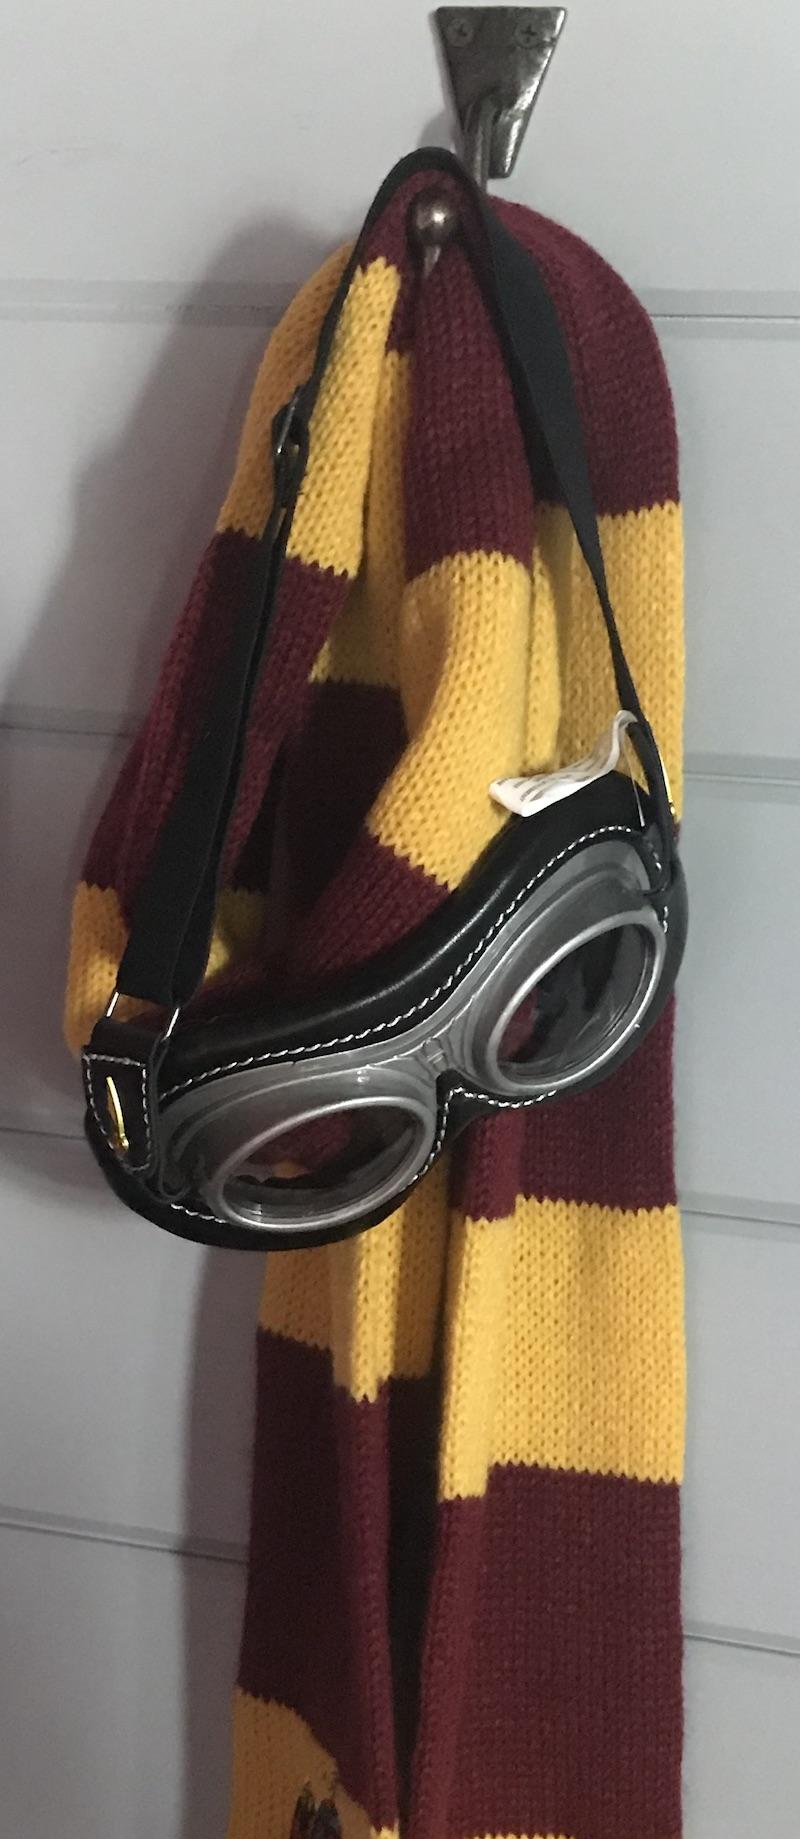 Gryffindor scarf & goggles